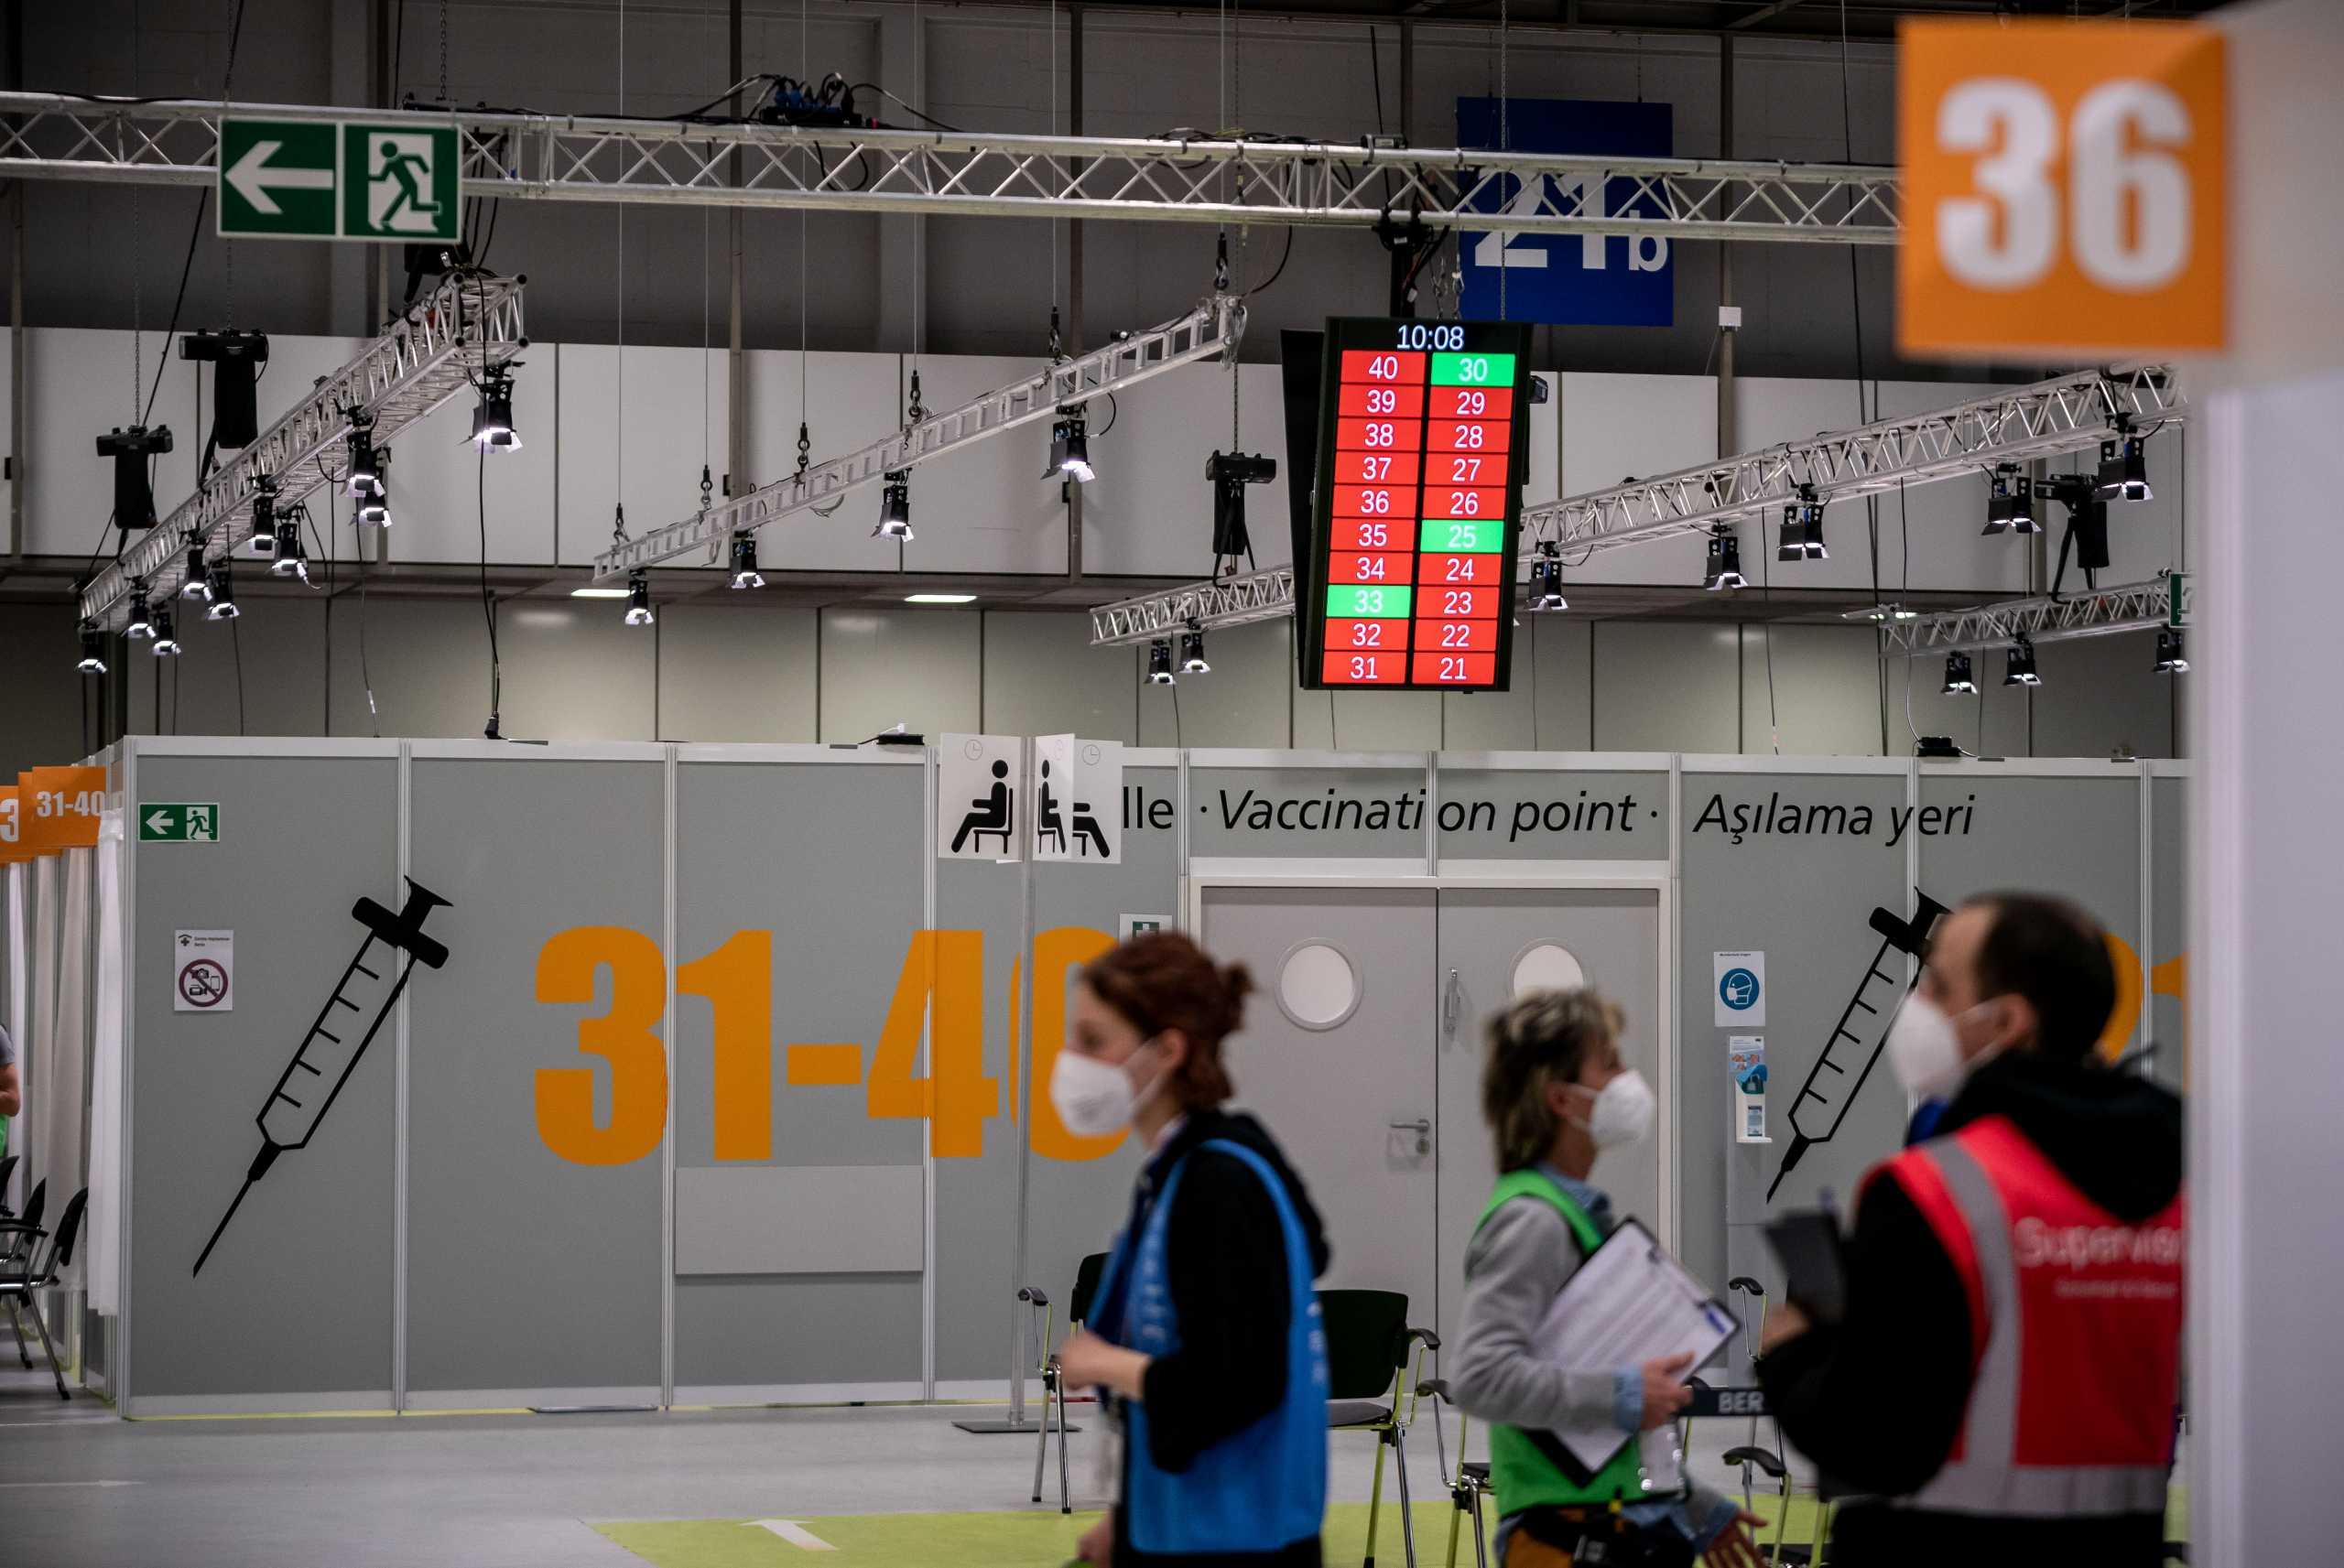 Γερμανία: 200.000 επιπλέον θάνατοι αν δεν επιβληθεί lockdown